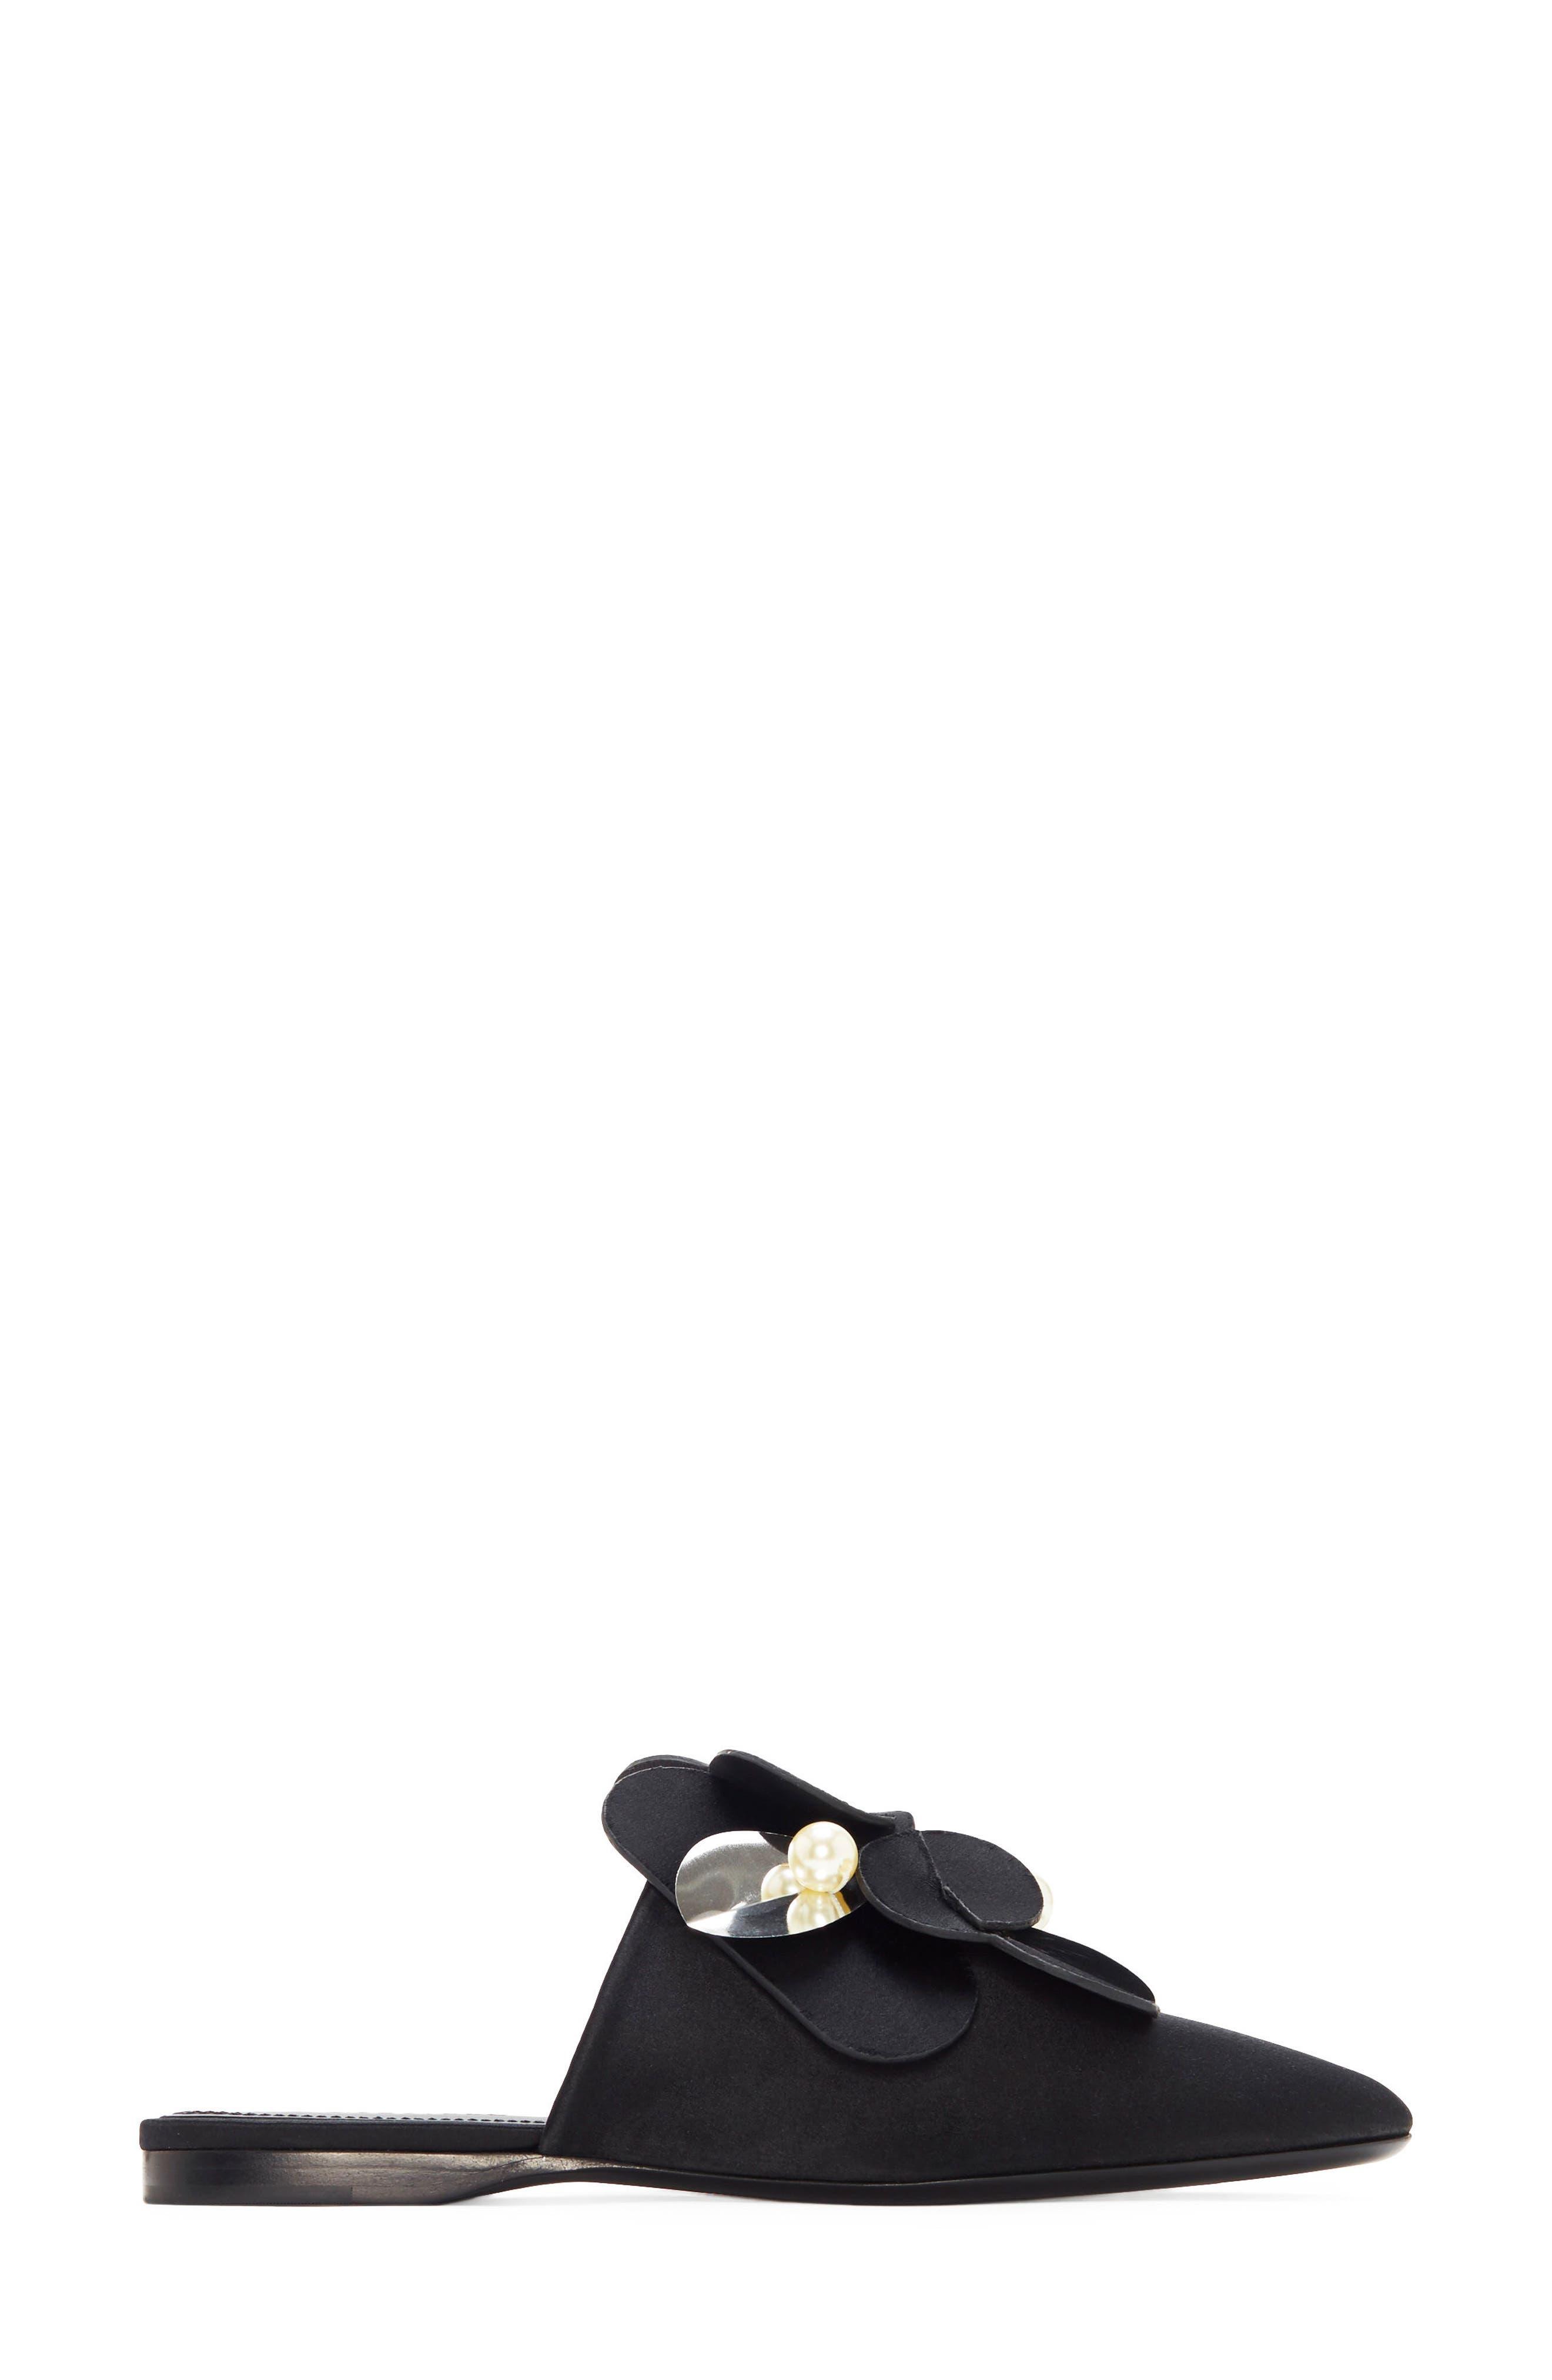 Corella Embellished Slide Sandal,                             Alternate thumbnail 2, color,                             Black